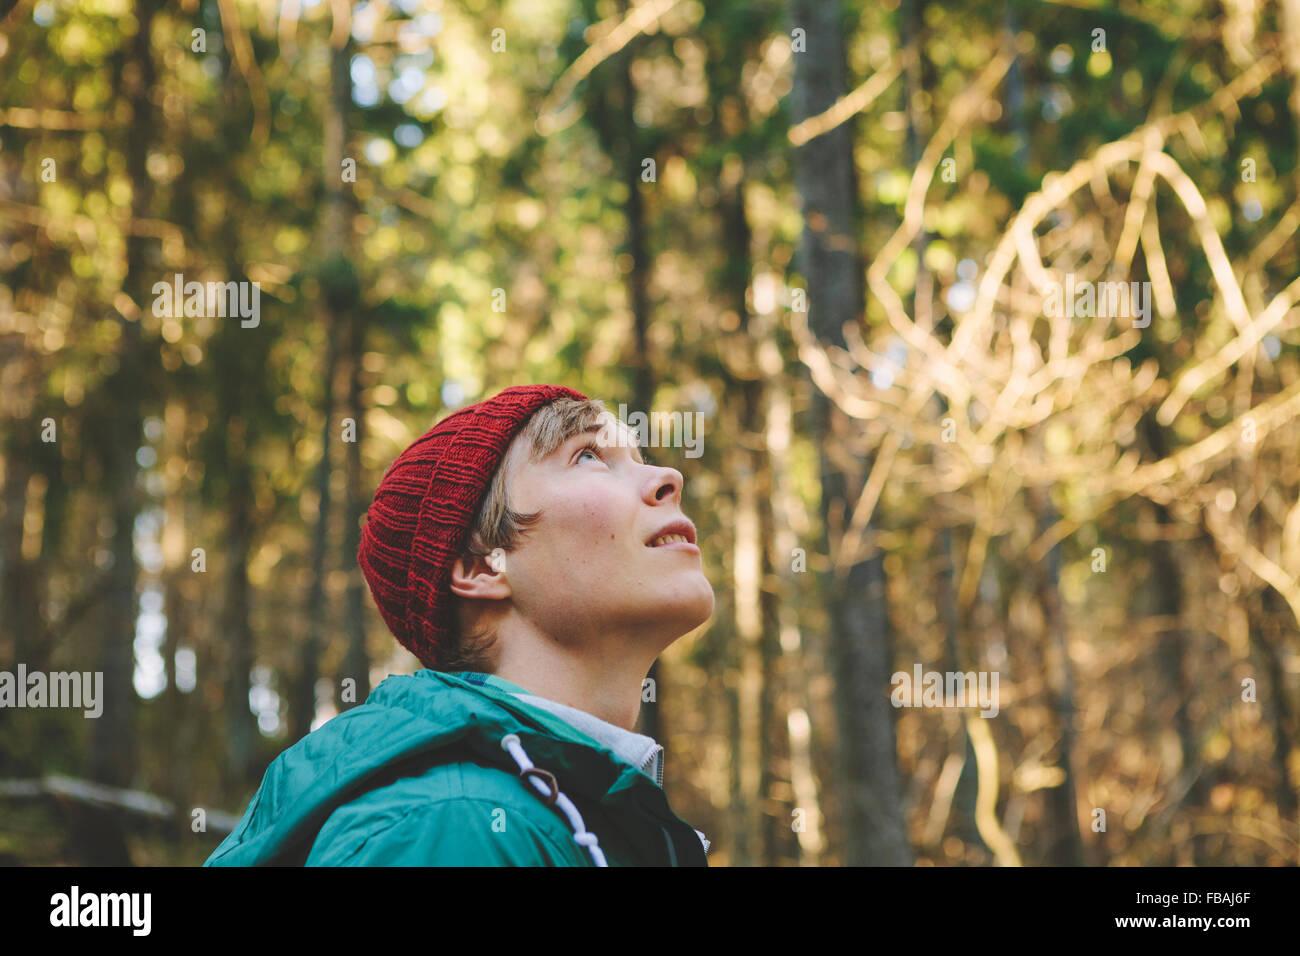 Finlandia, Esbo, Kvarntrask, Ritratto di giovane uomo nella foresta, guardando in alto Immagini Stock